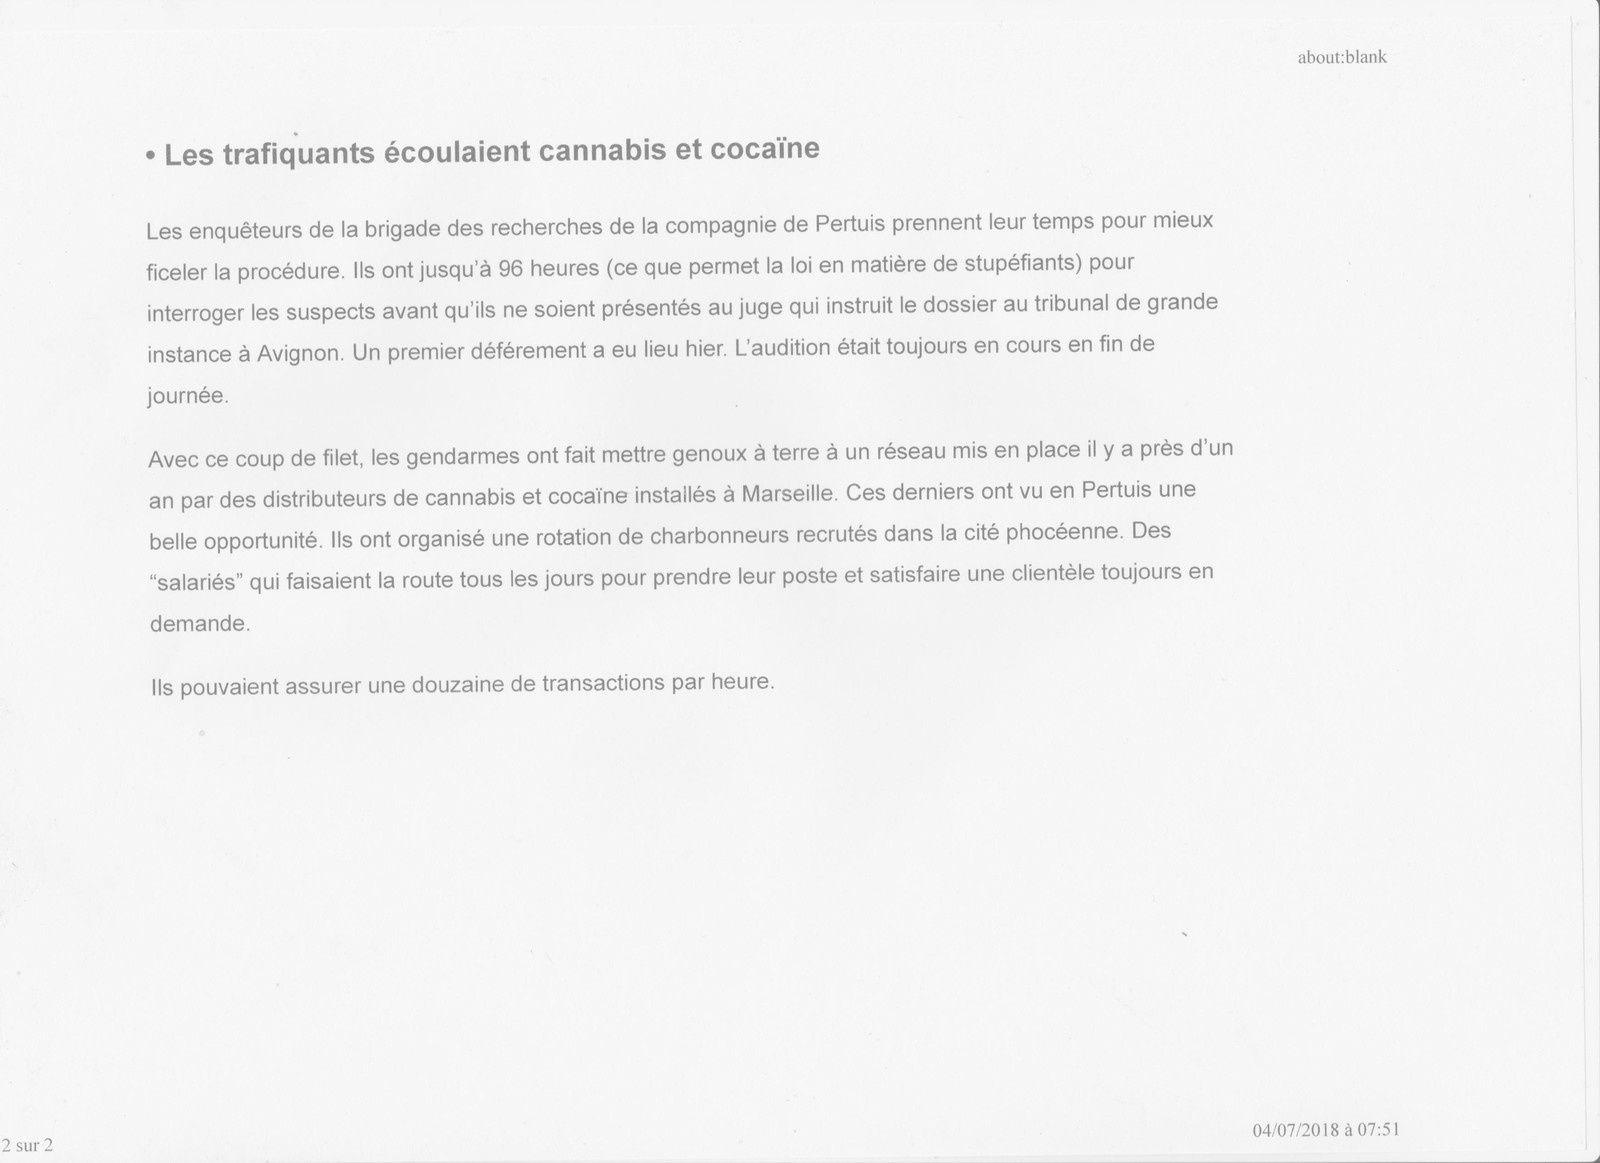 PREMIERS DEFEREMENTS POUR LES TRAFIQUANTS